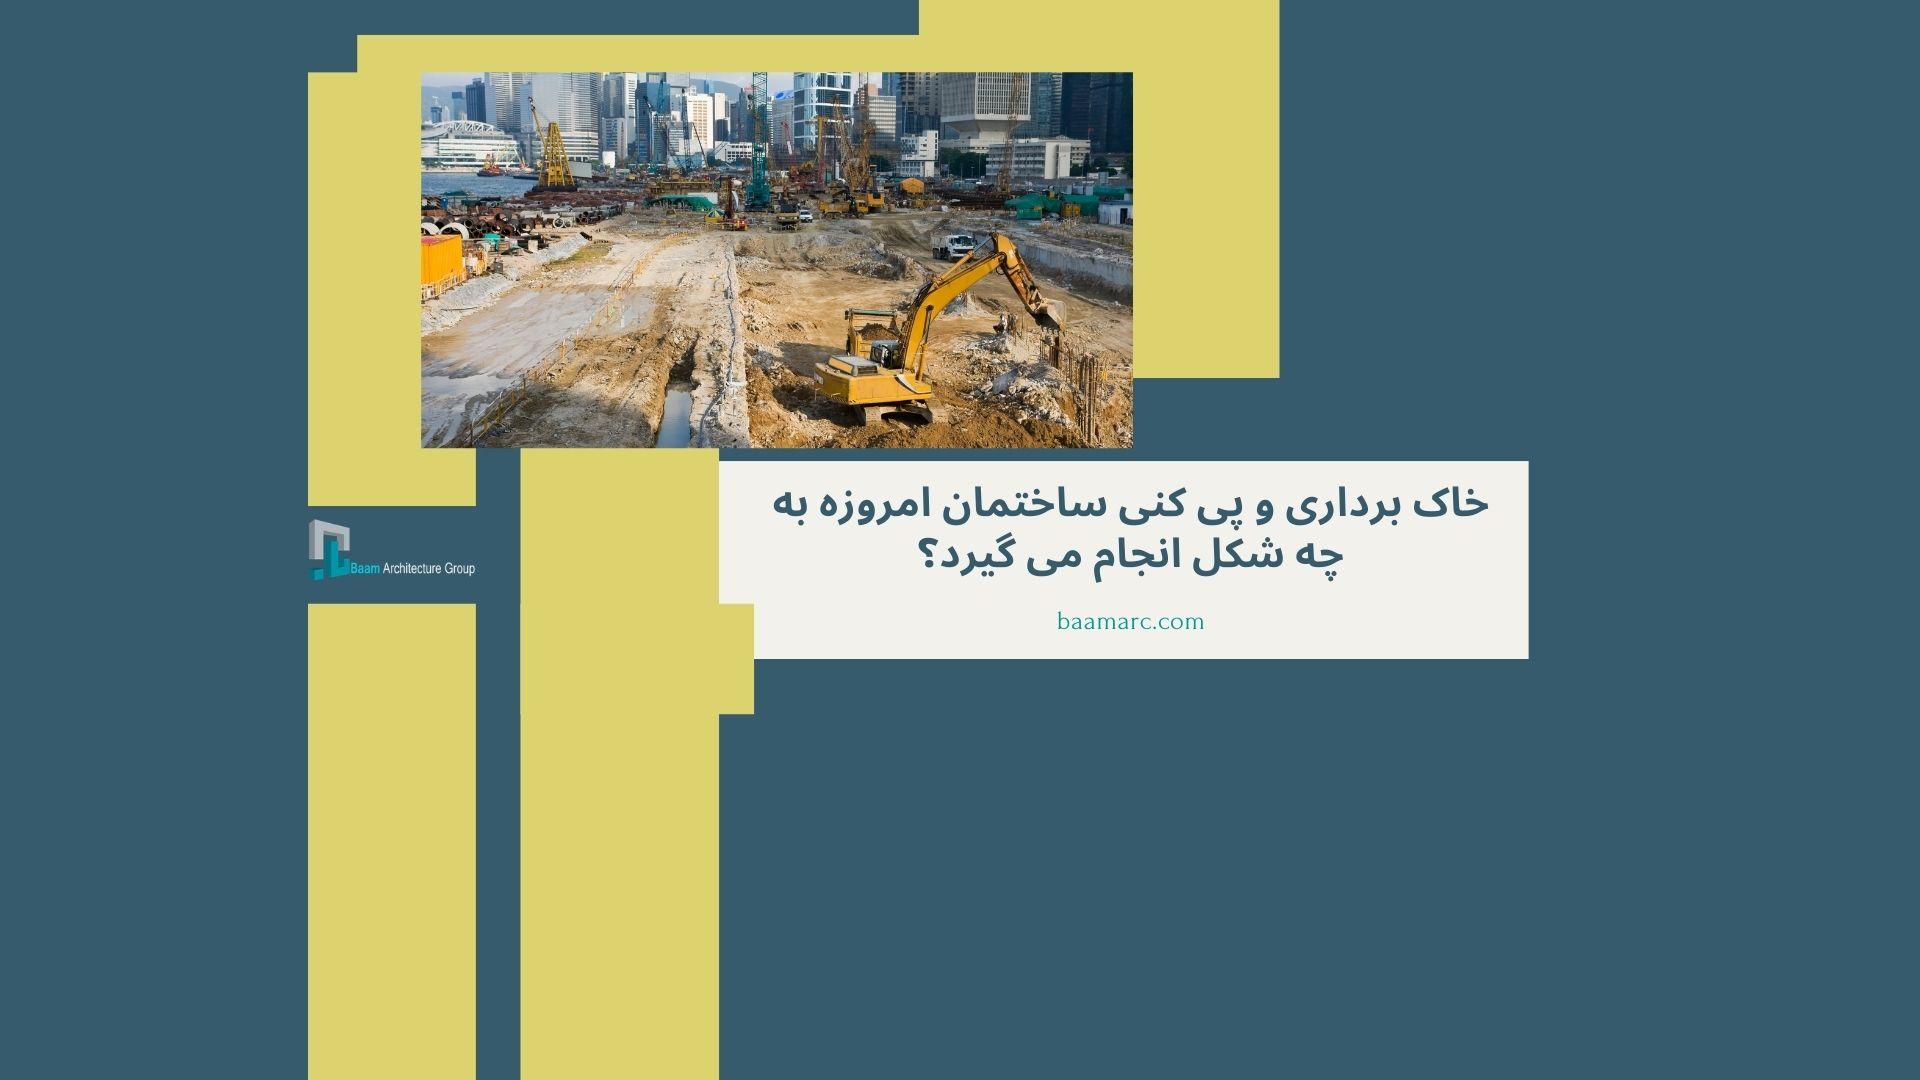 خاک برداری و پی کنی ساختمان امروزه به چه شکل انجام می گیرد؟